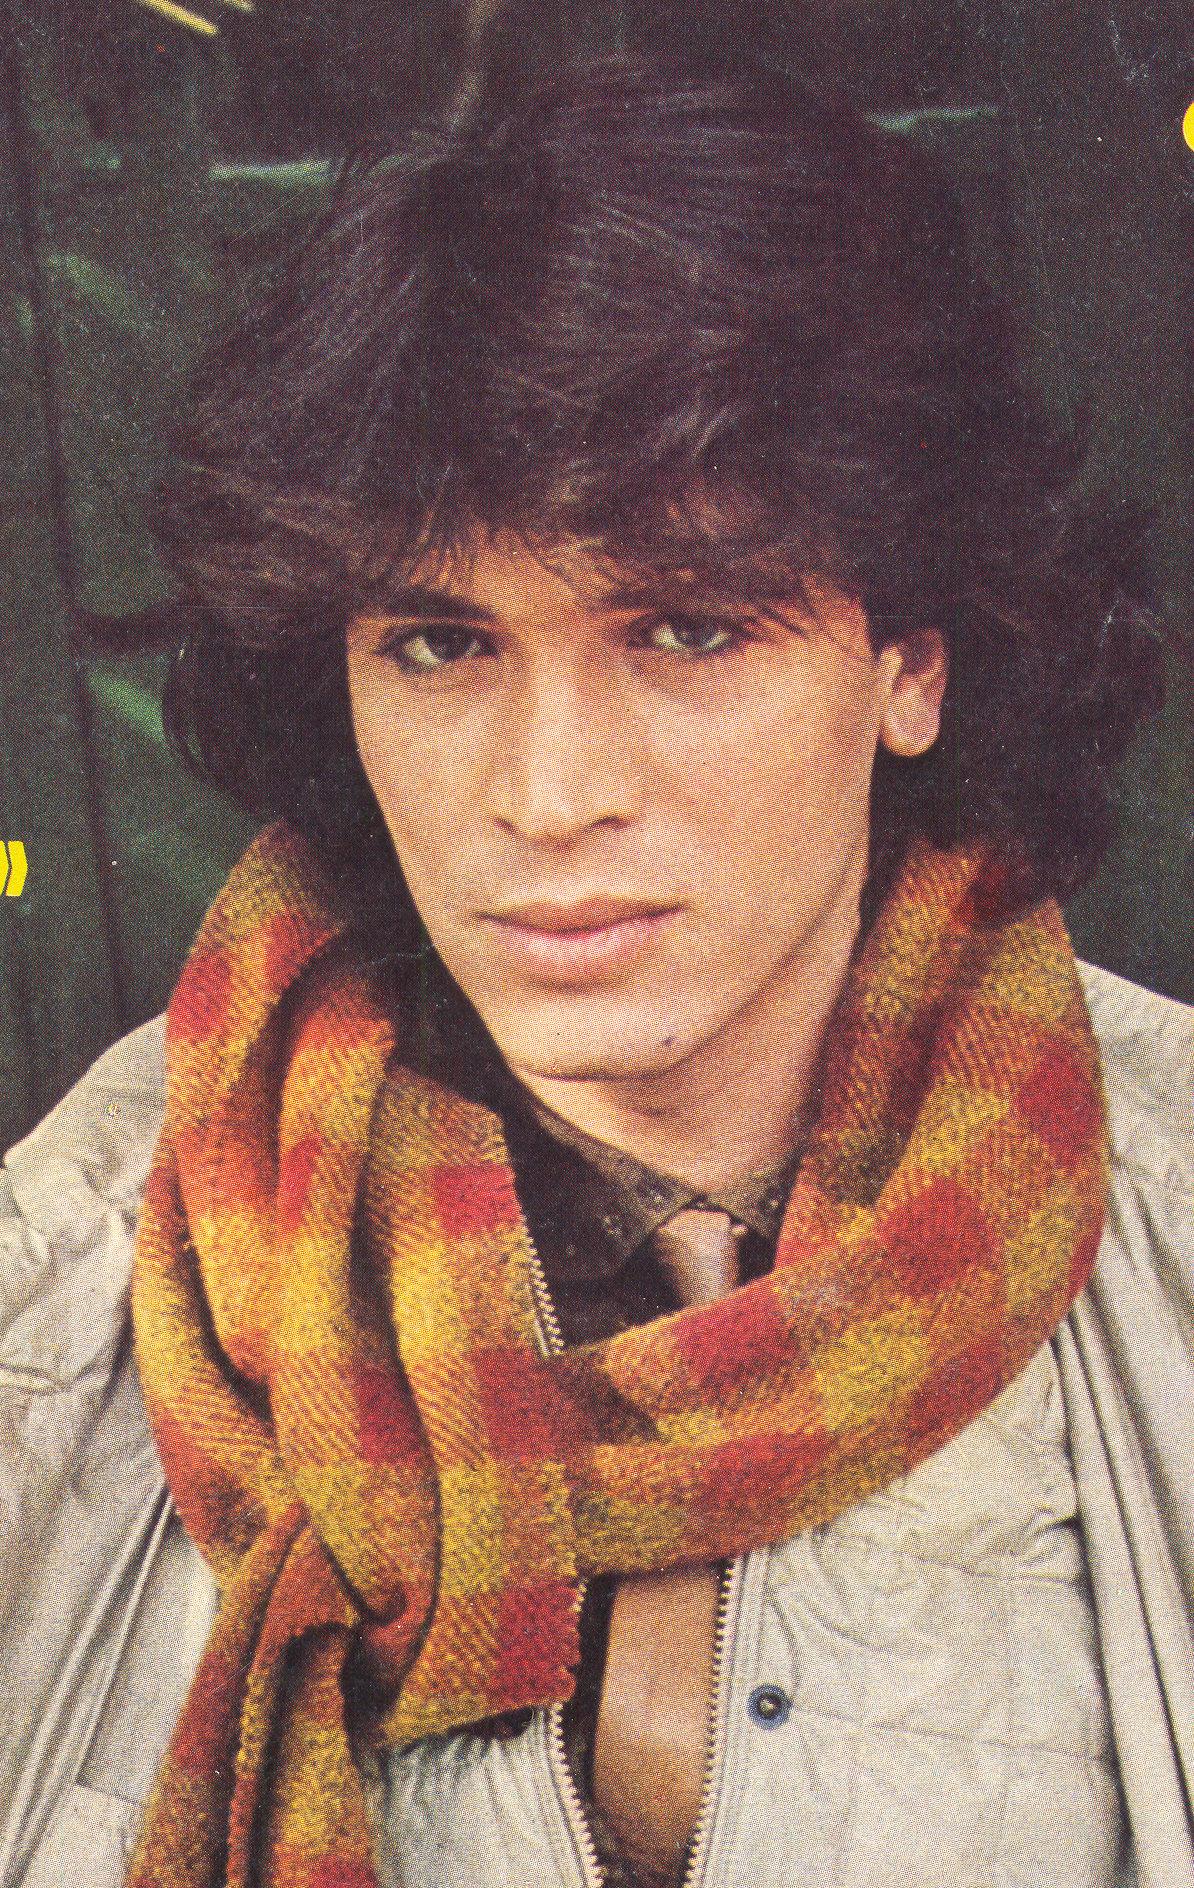 1979: Ο Μπίλι Μπο παρουσιάζει μόδα για νέους